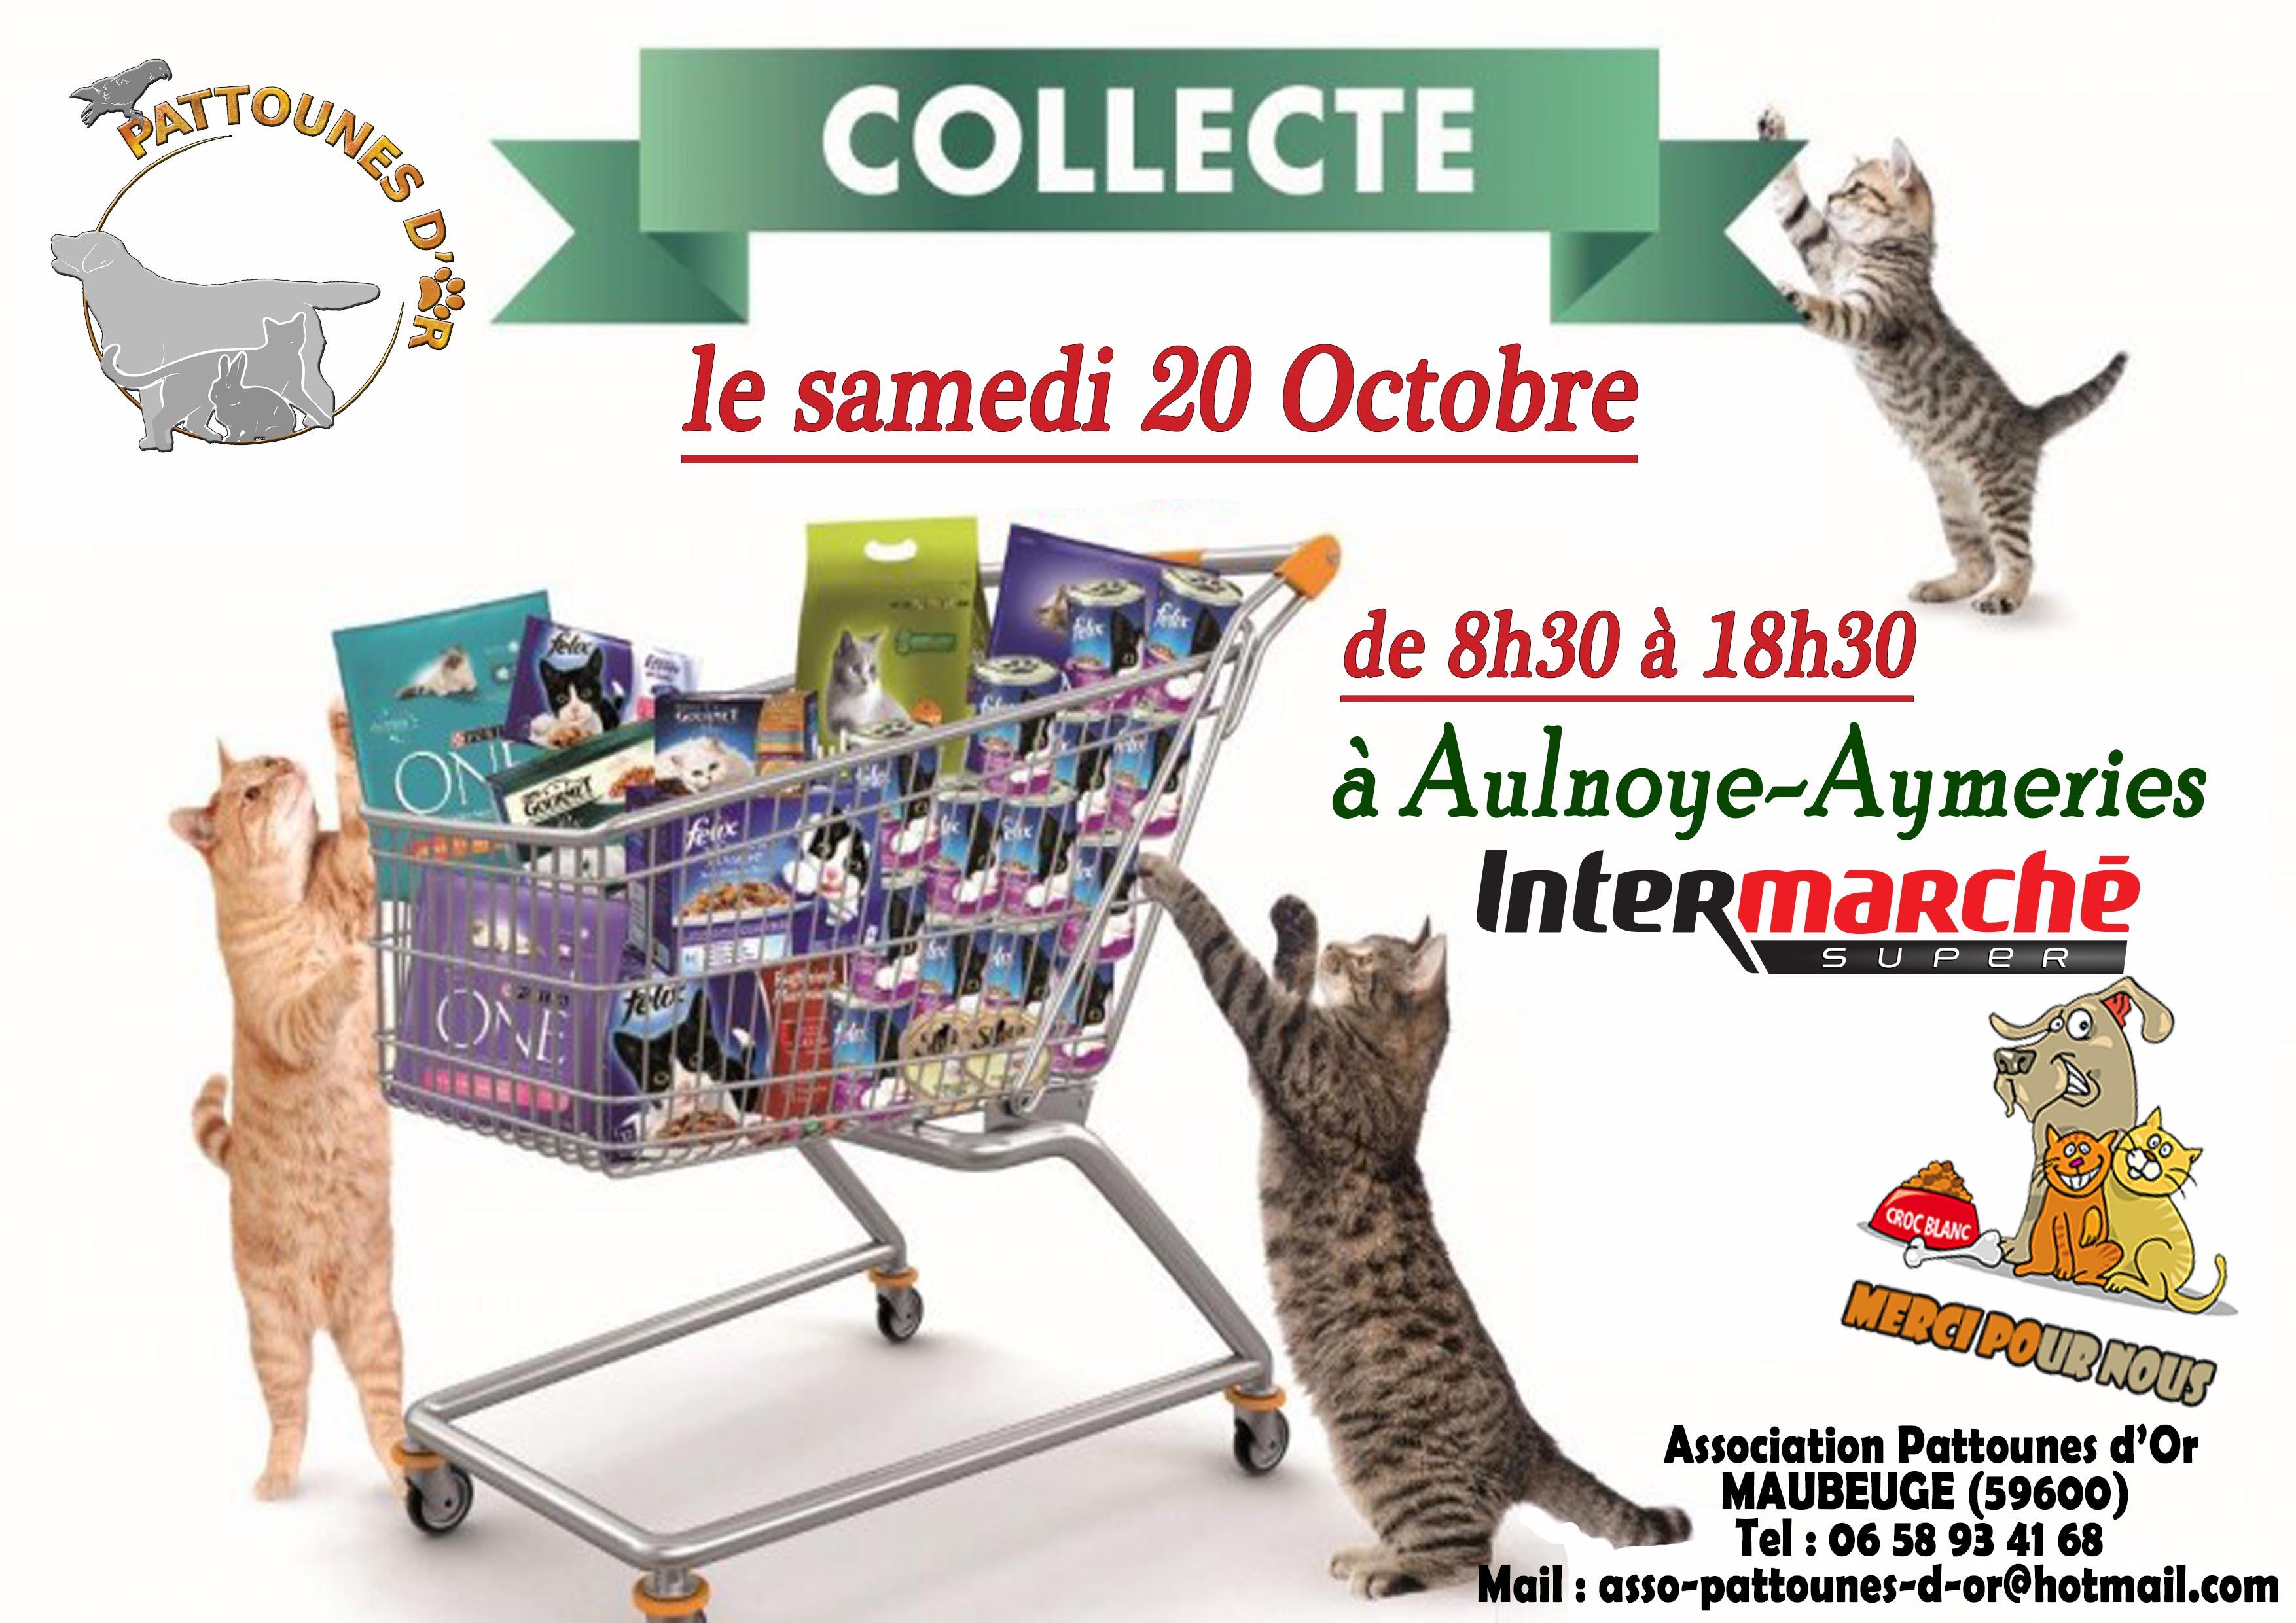 COLLECTE OCTOBRE  2018  Collec11